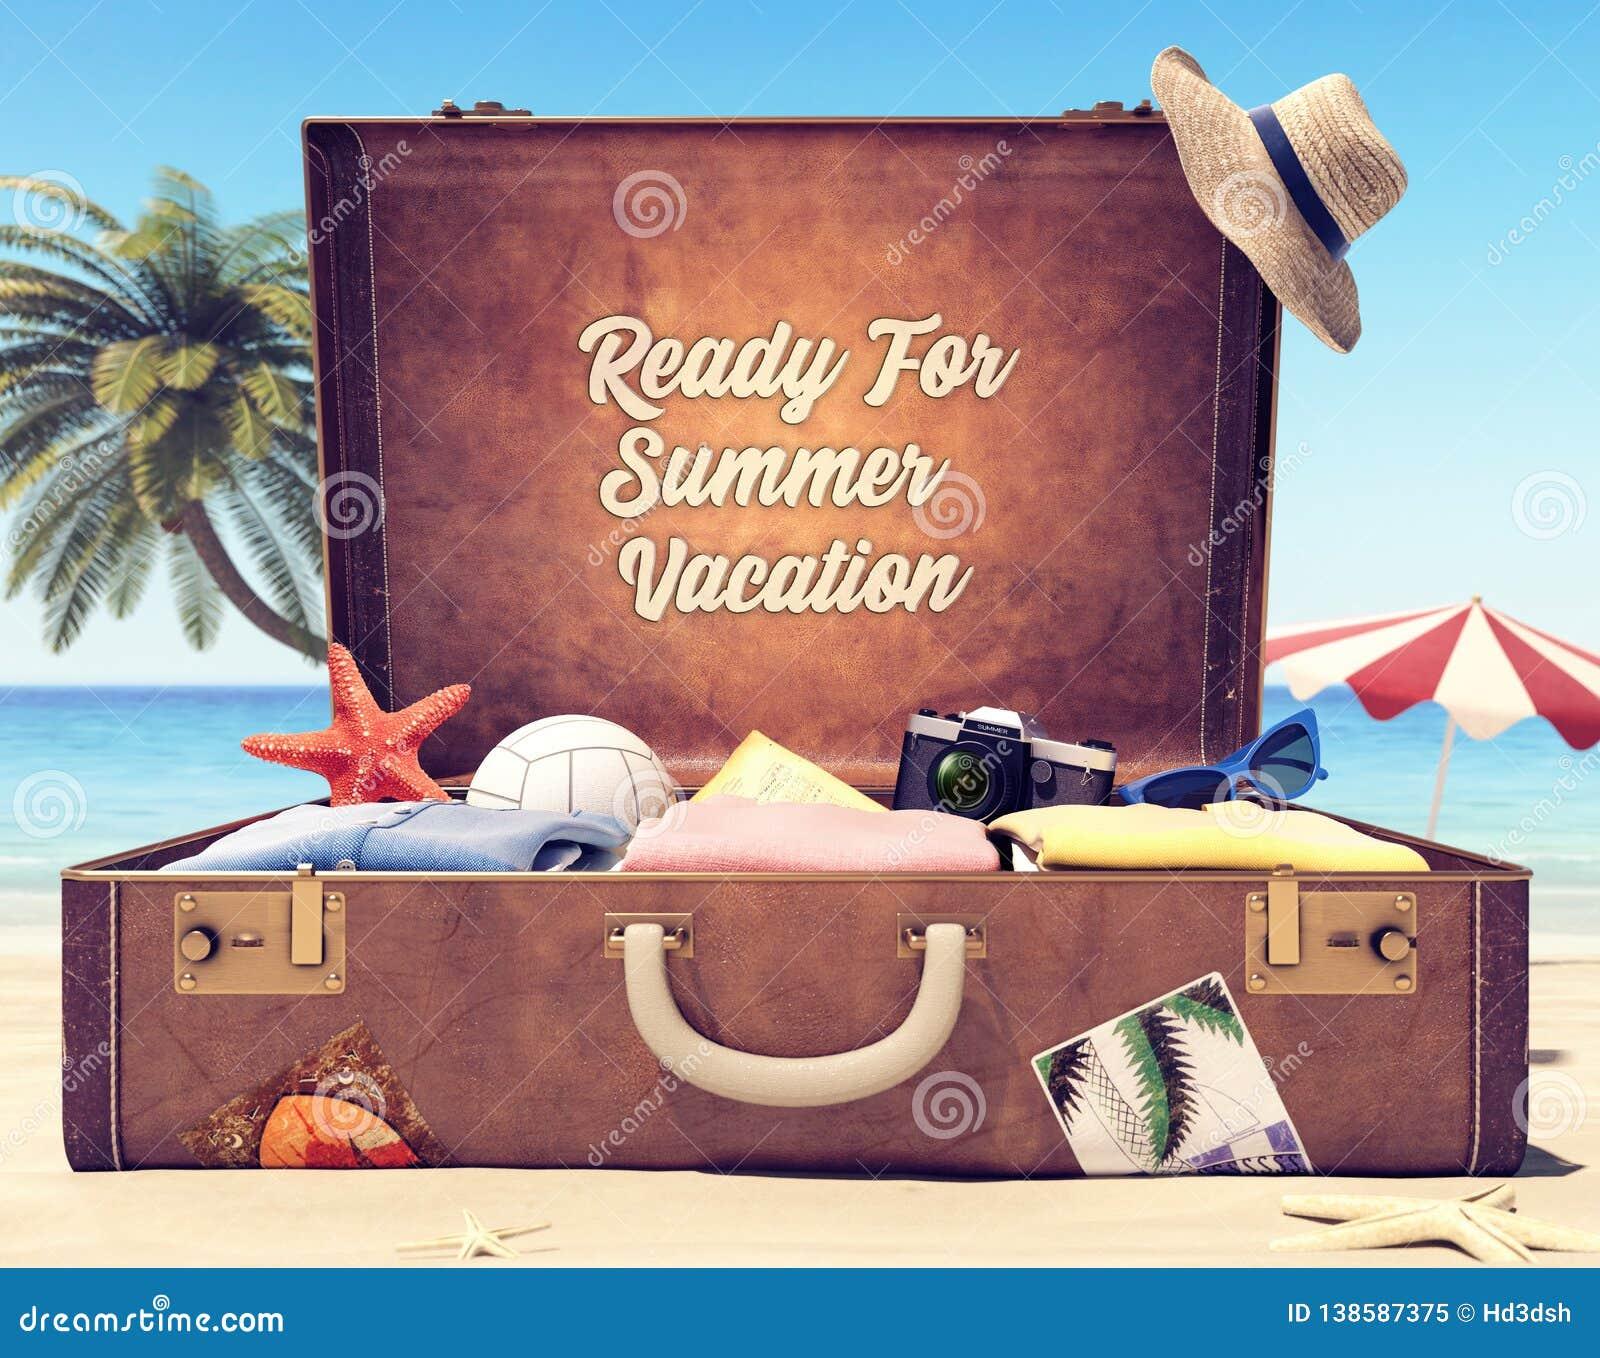 Apronte pelas férias de verão - mala de viagem com acessórios e espaço do contexto